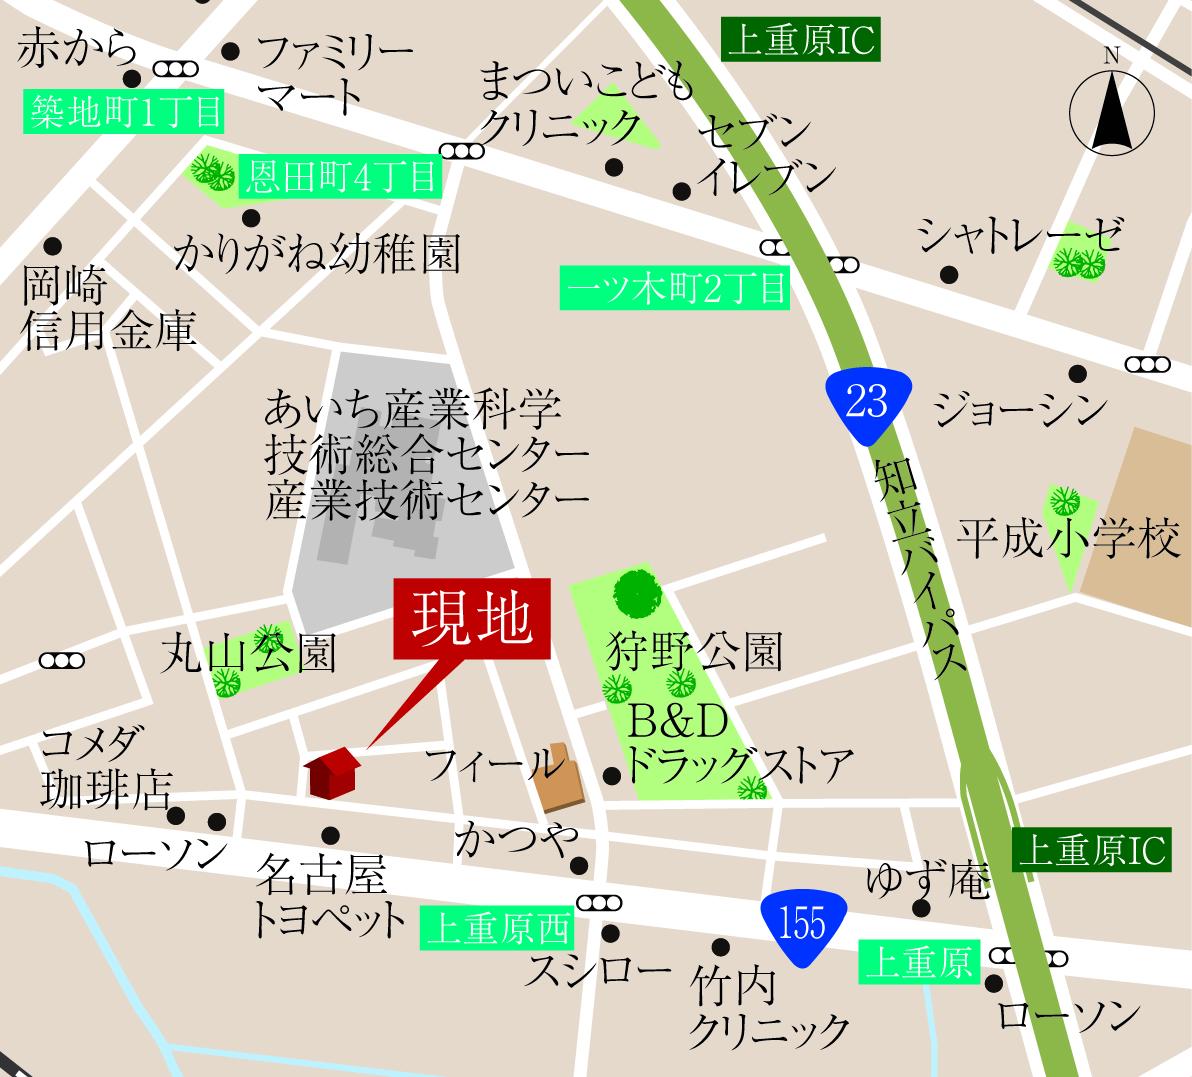 日本、〒448-0013 愛知県刈谷市恩田町1丁目151−7